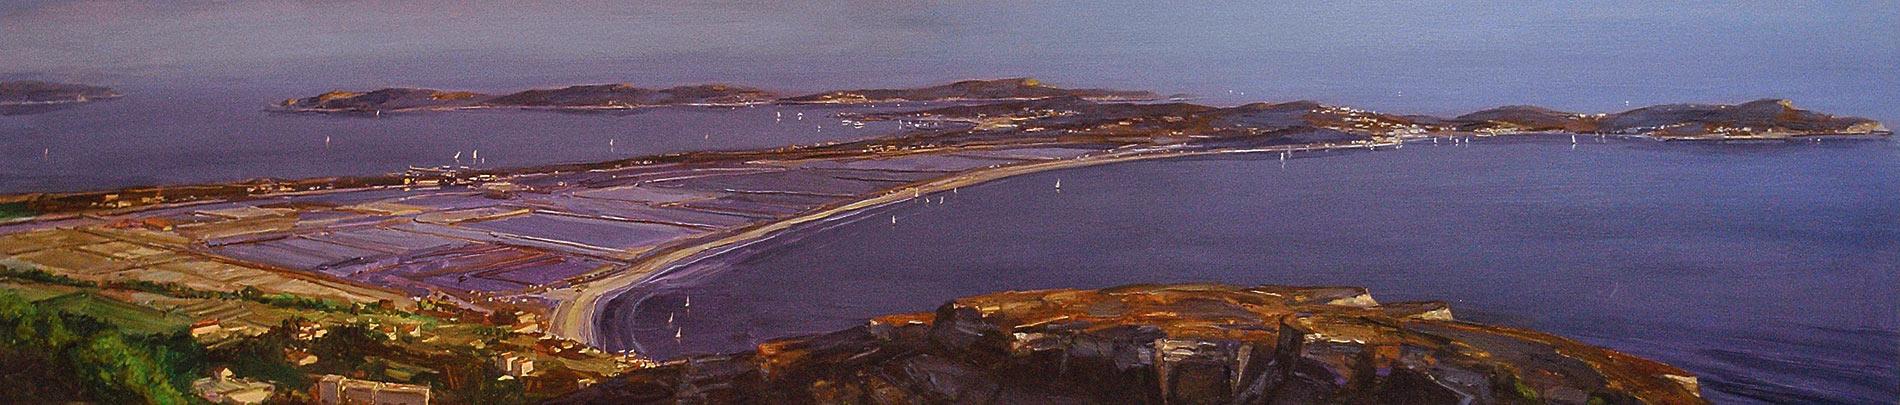 Presqu-île. Huile sur toile, 47 x 206 cm, 2012